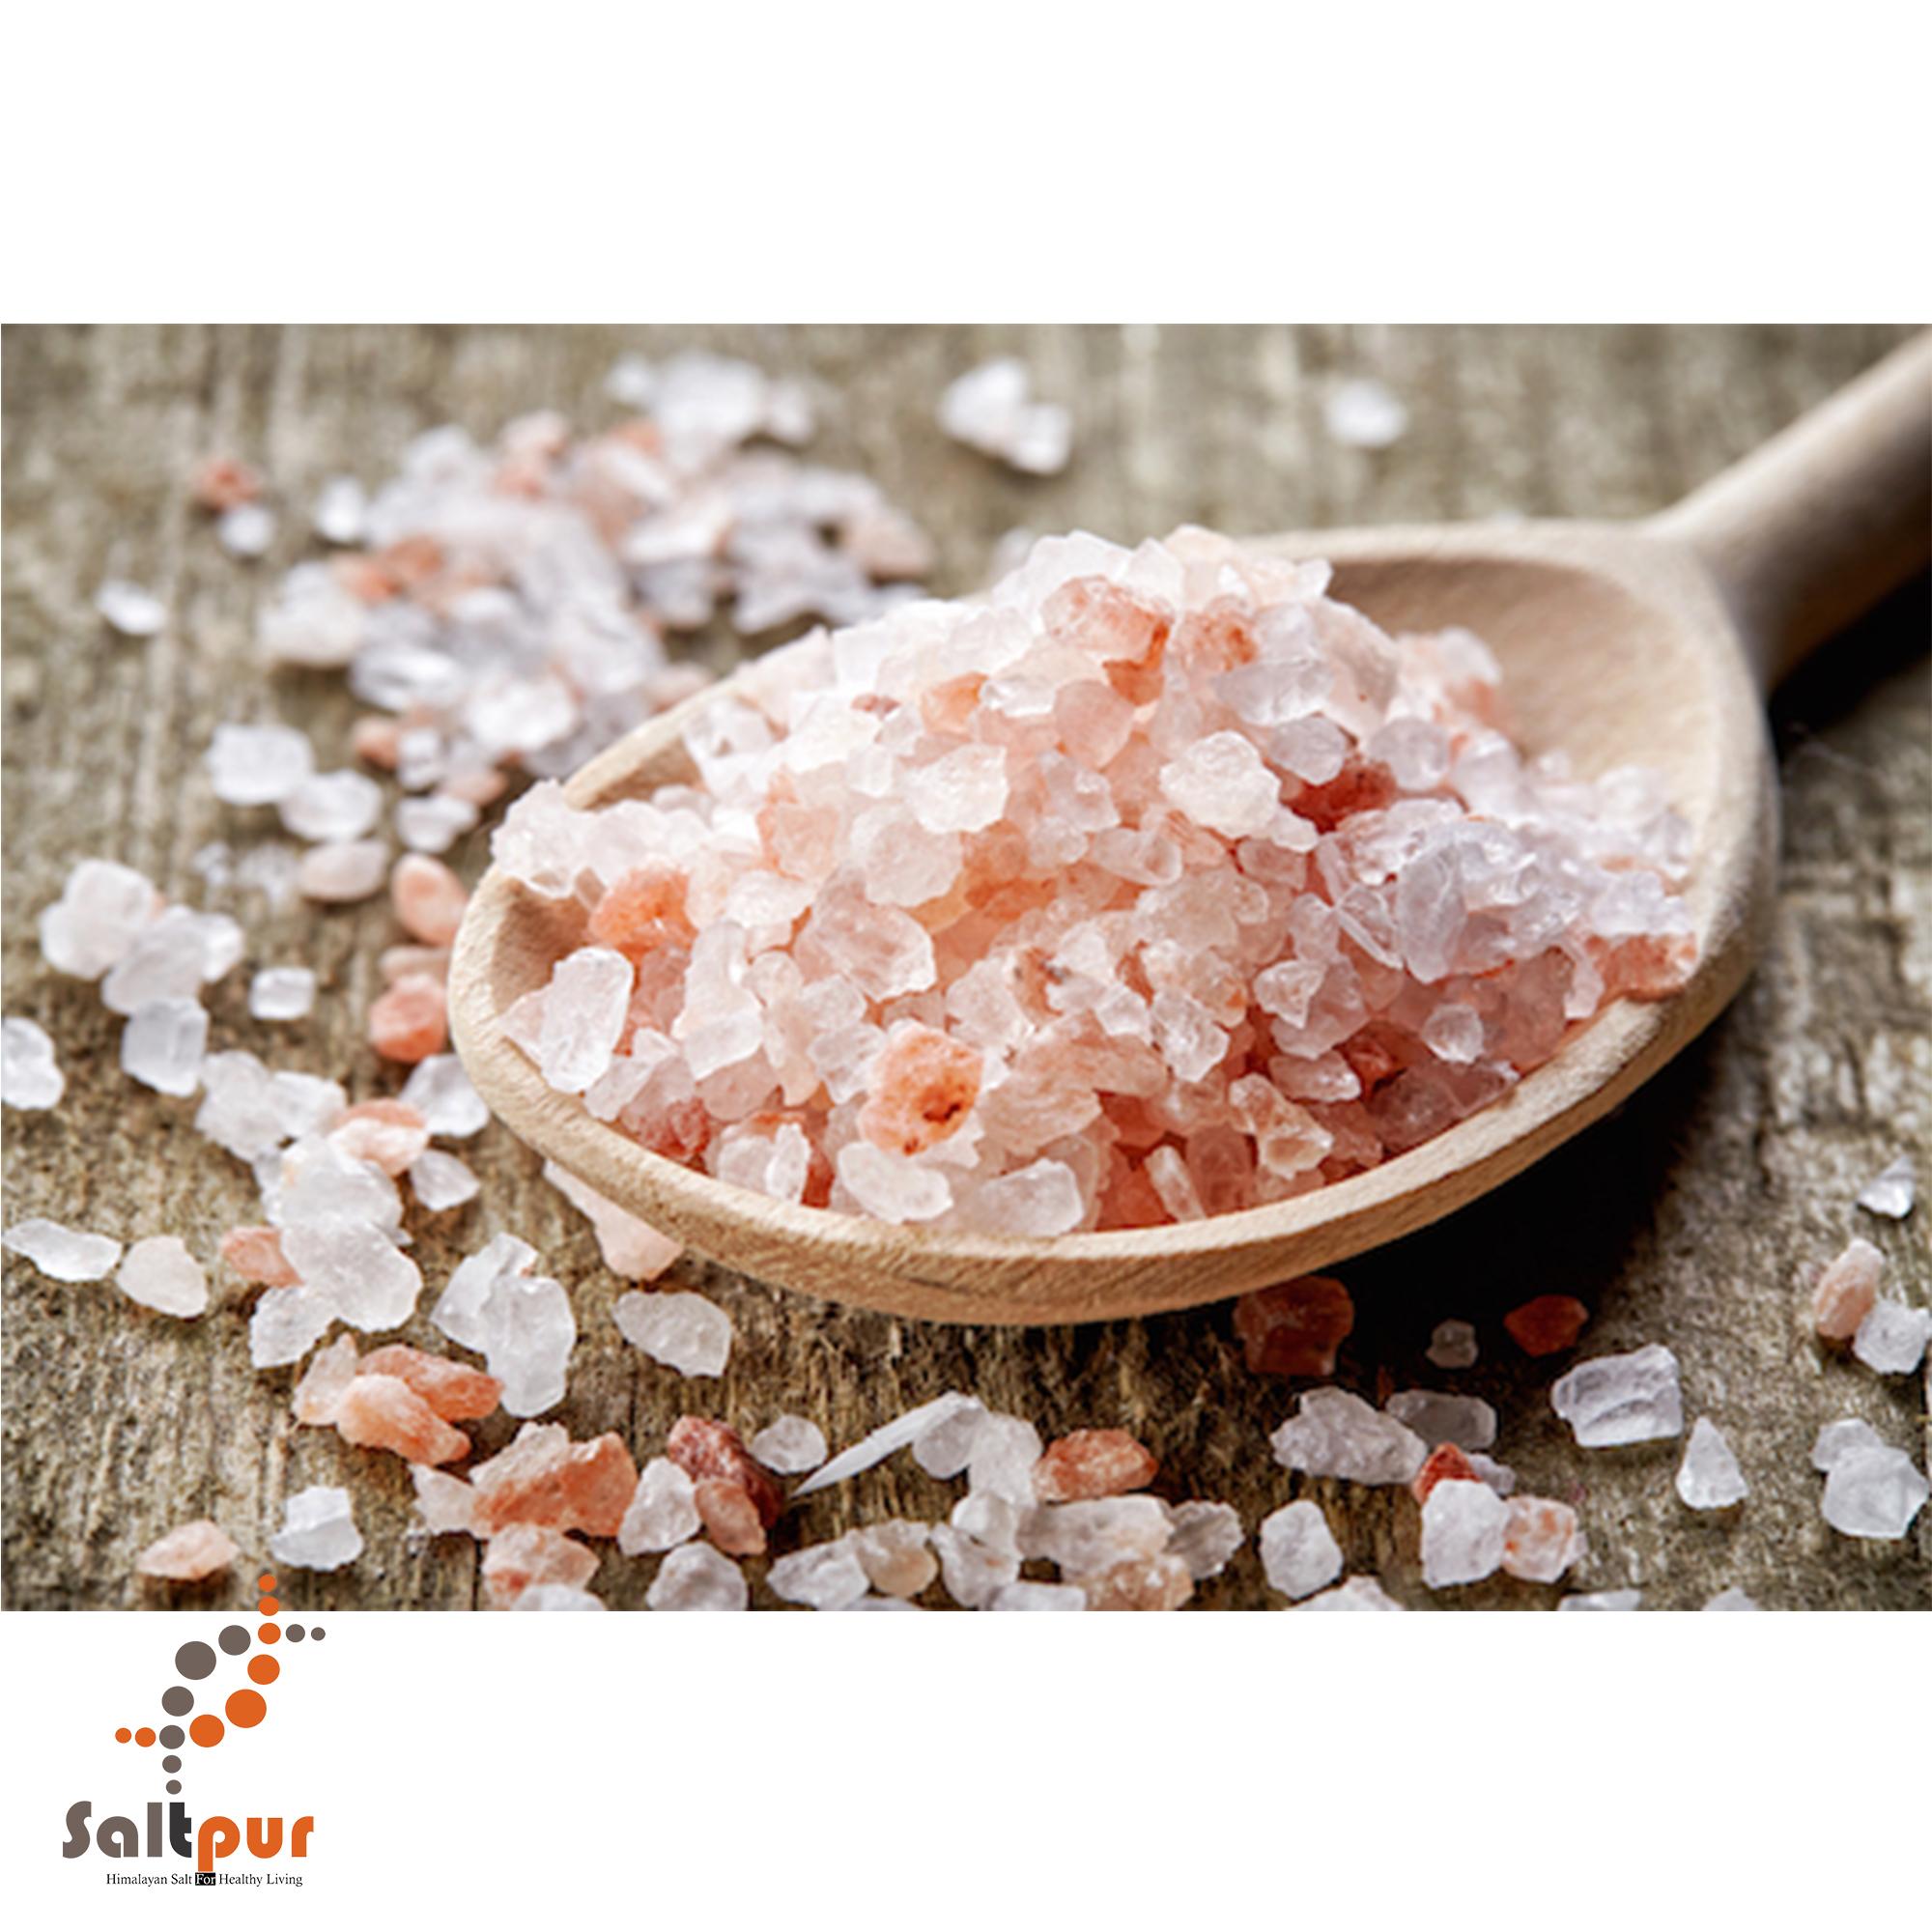 2 1 - Saltpur Himalayan Salts